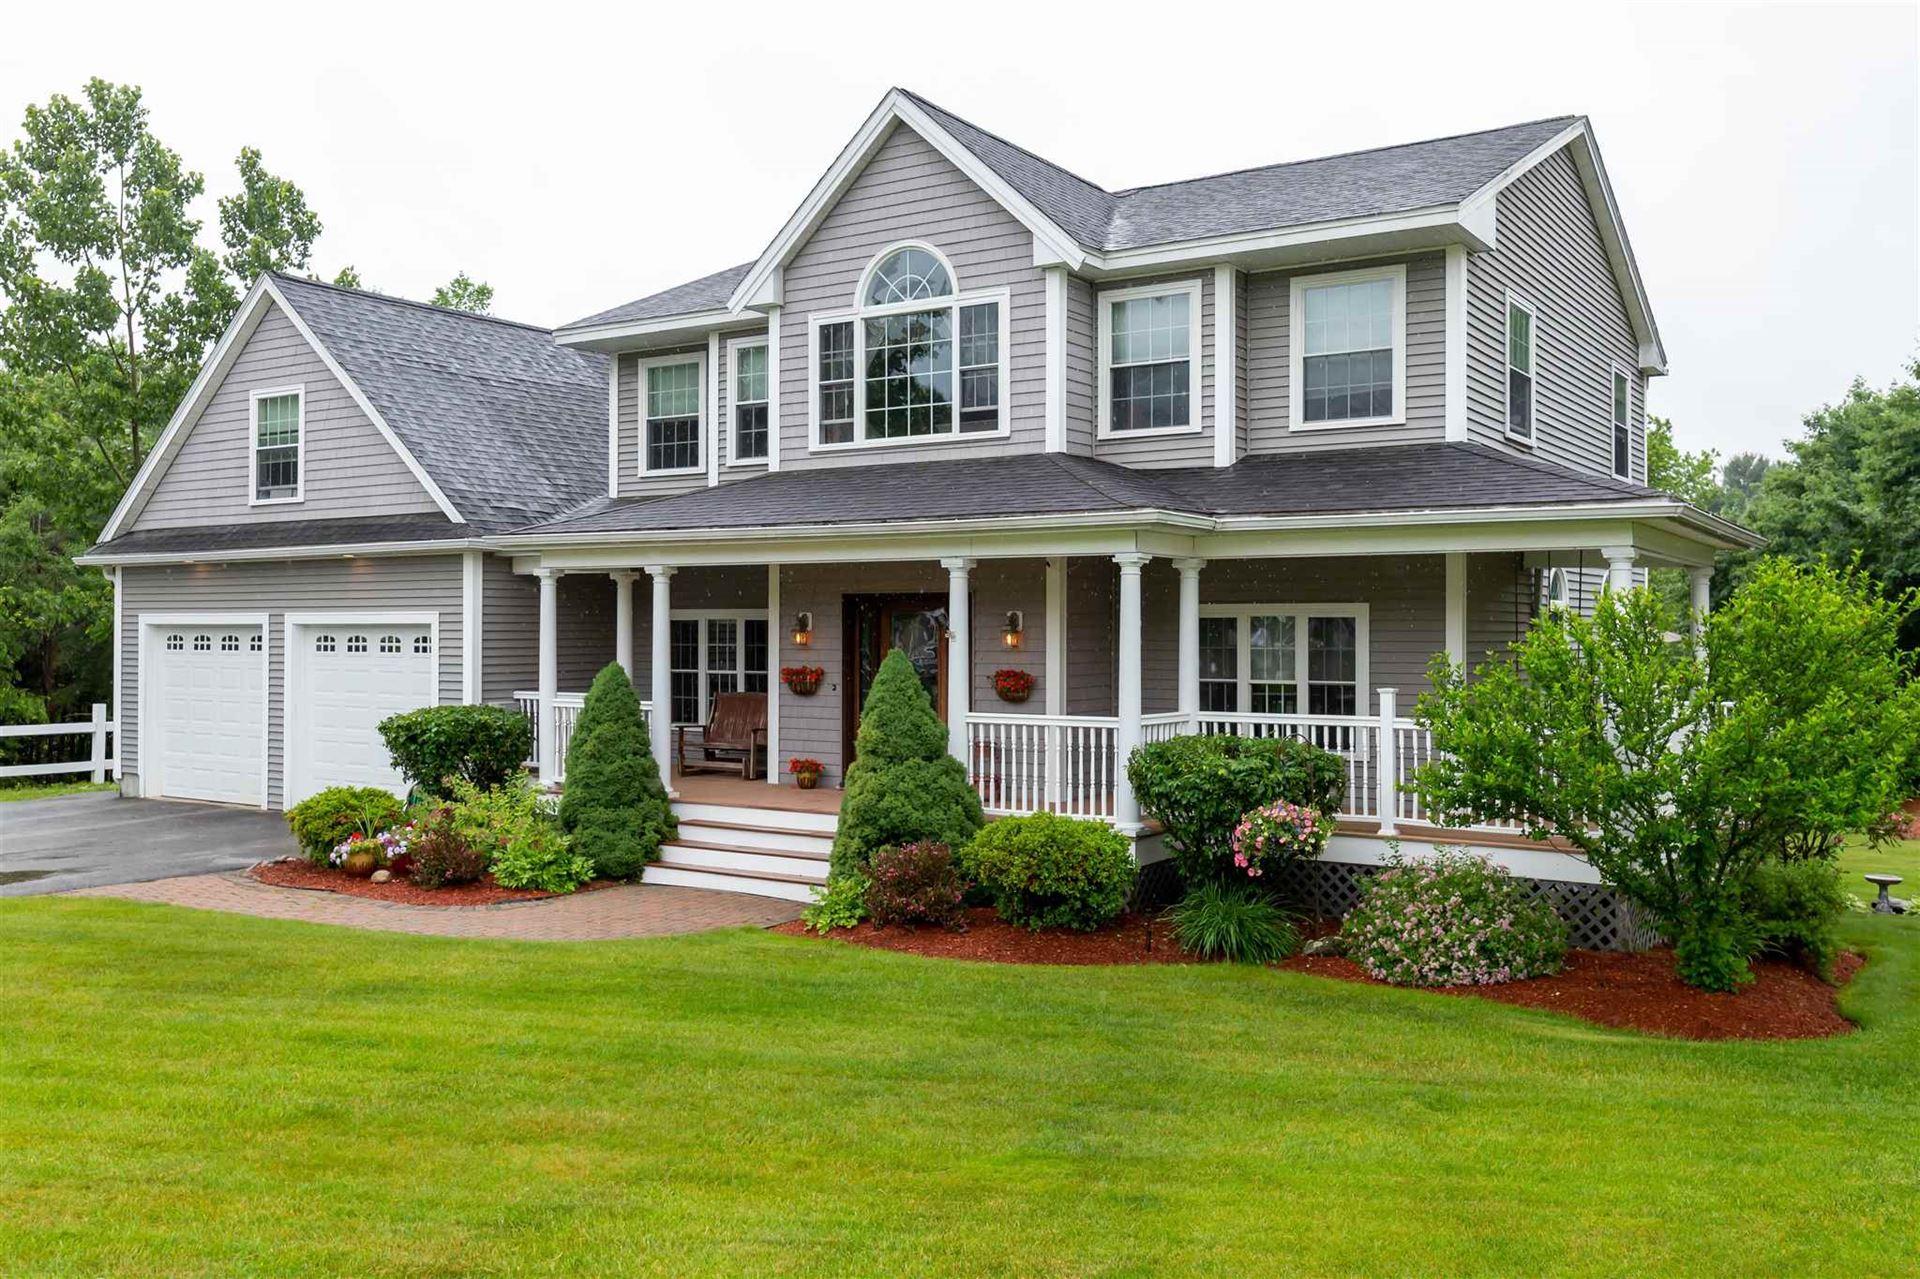 7 Paula Circle, Hudson, NH 03051 - MLS#: 4868358